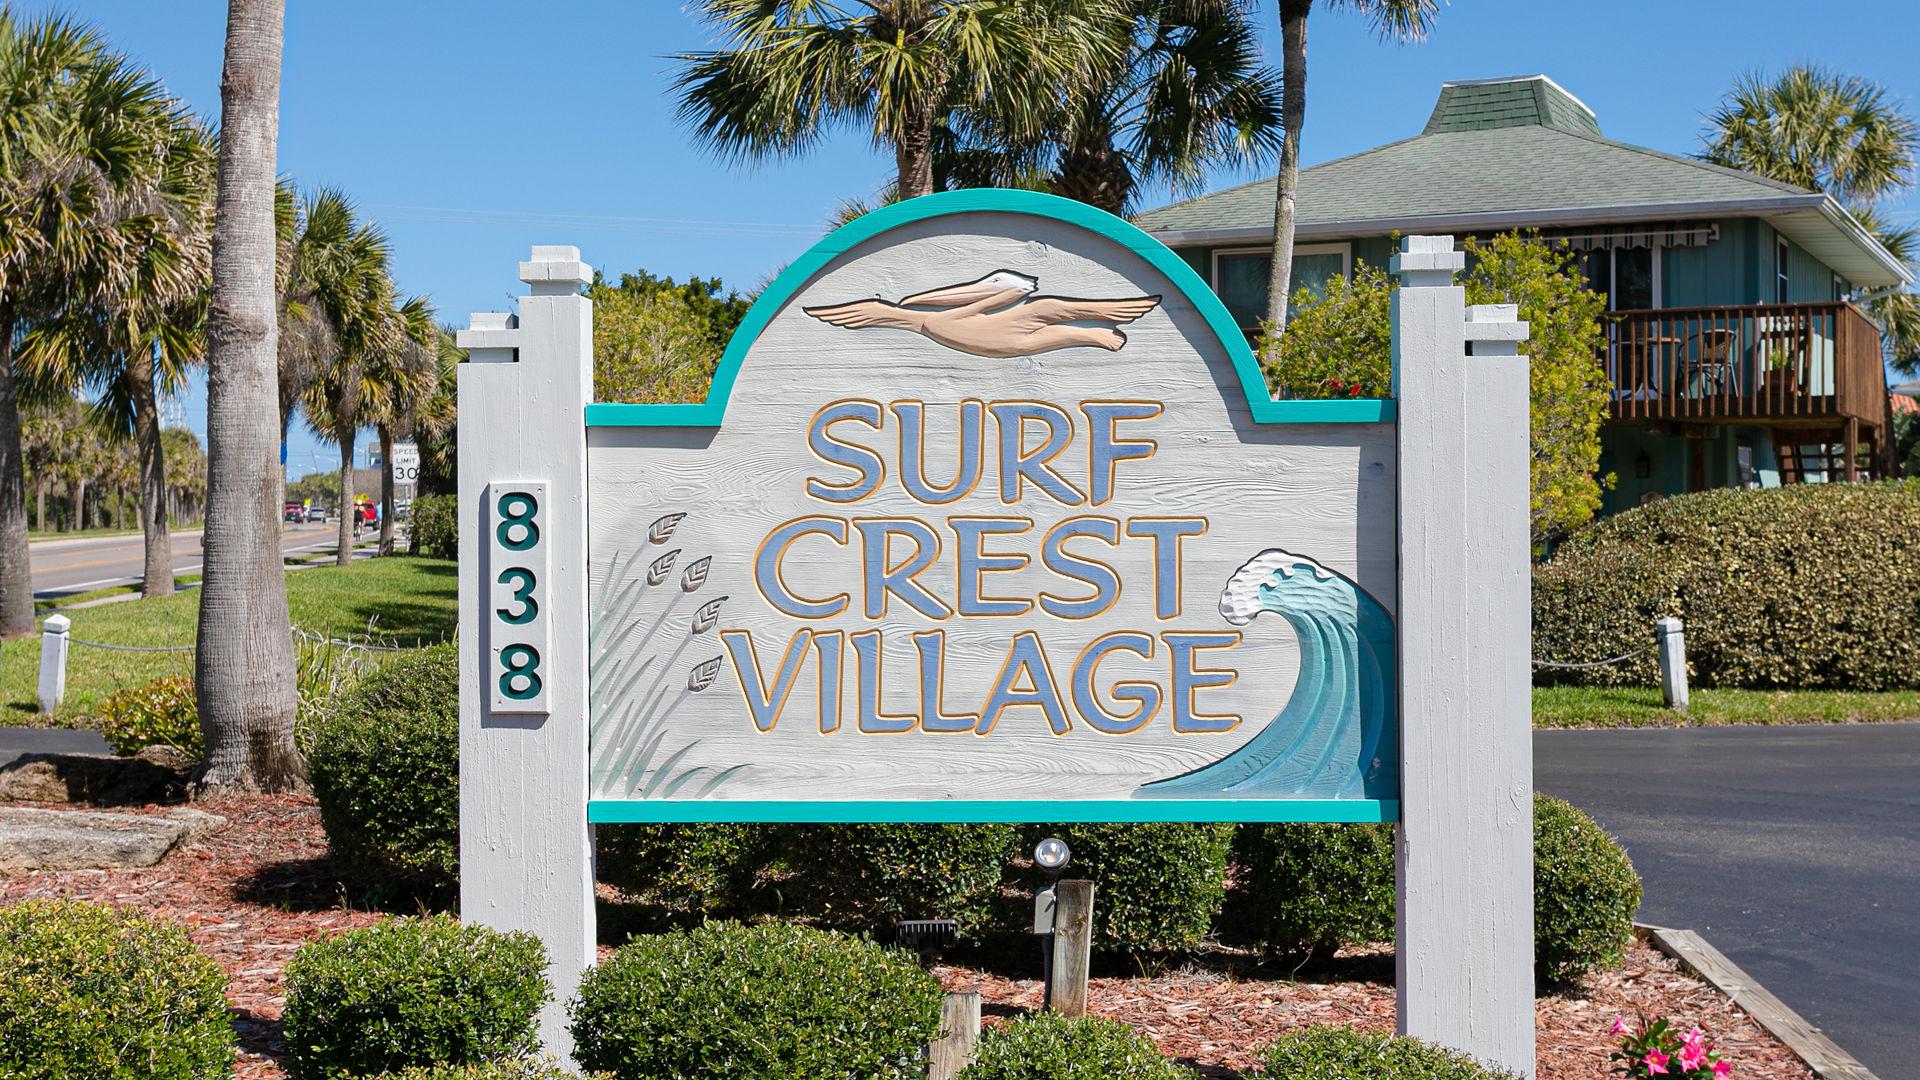 Surf Crest Village